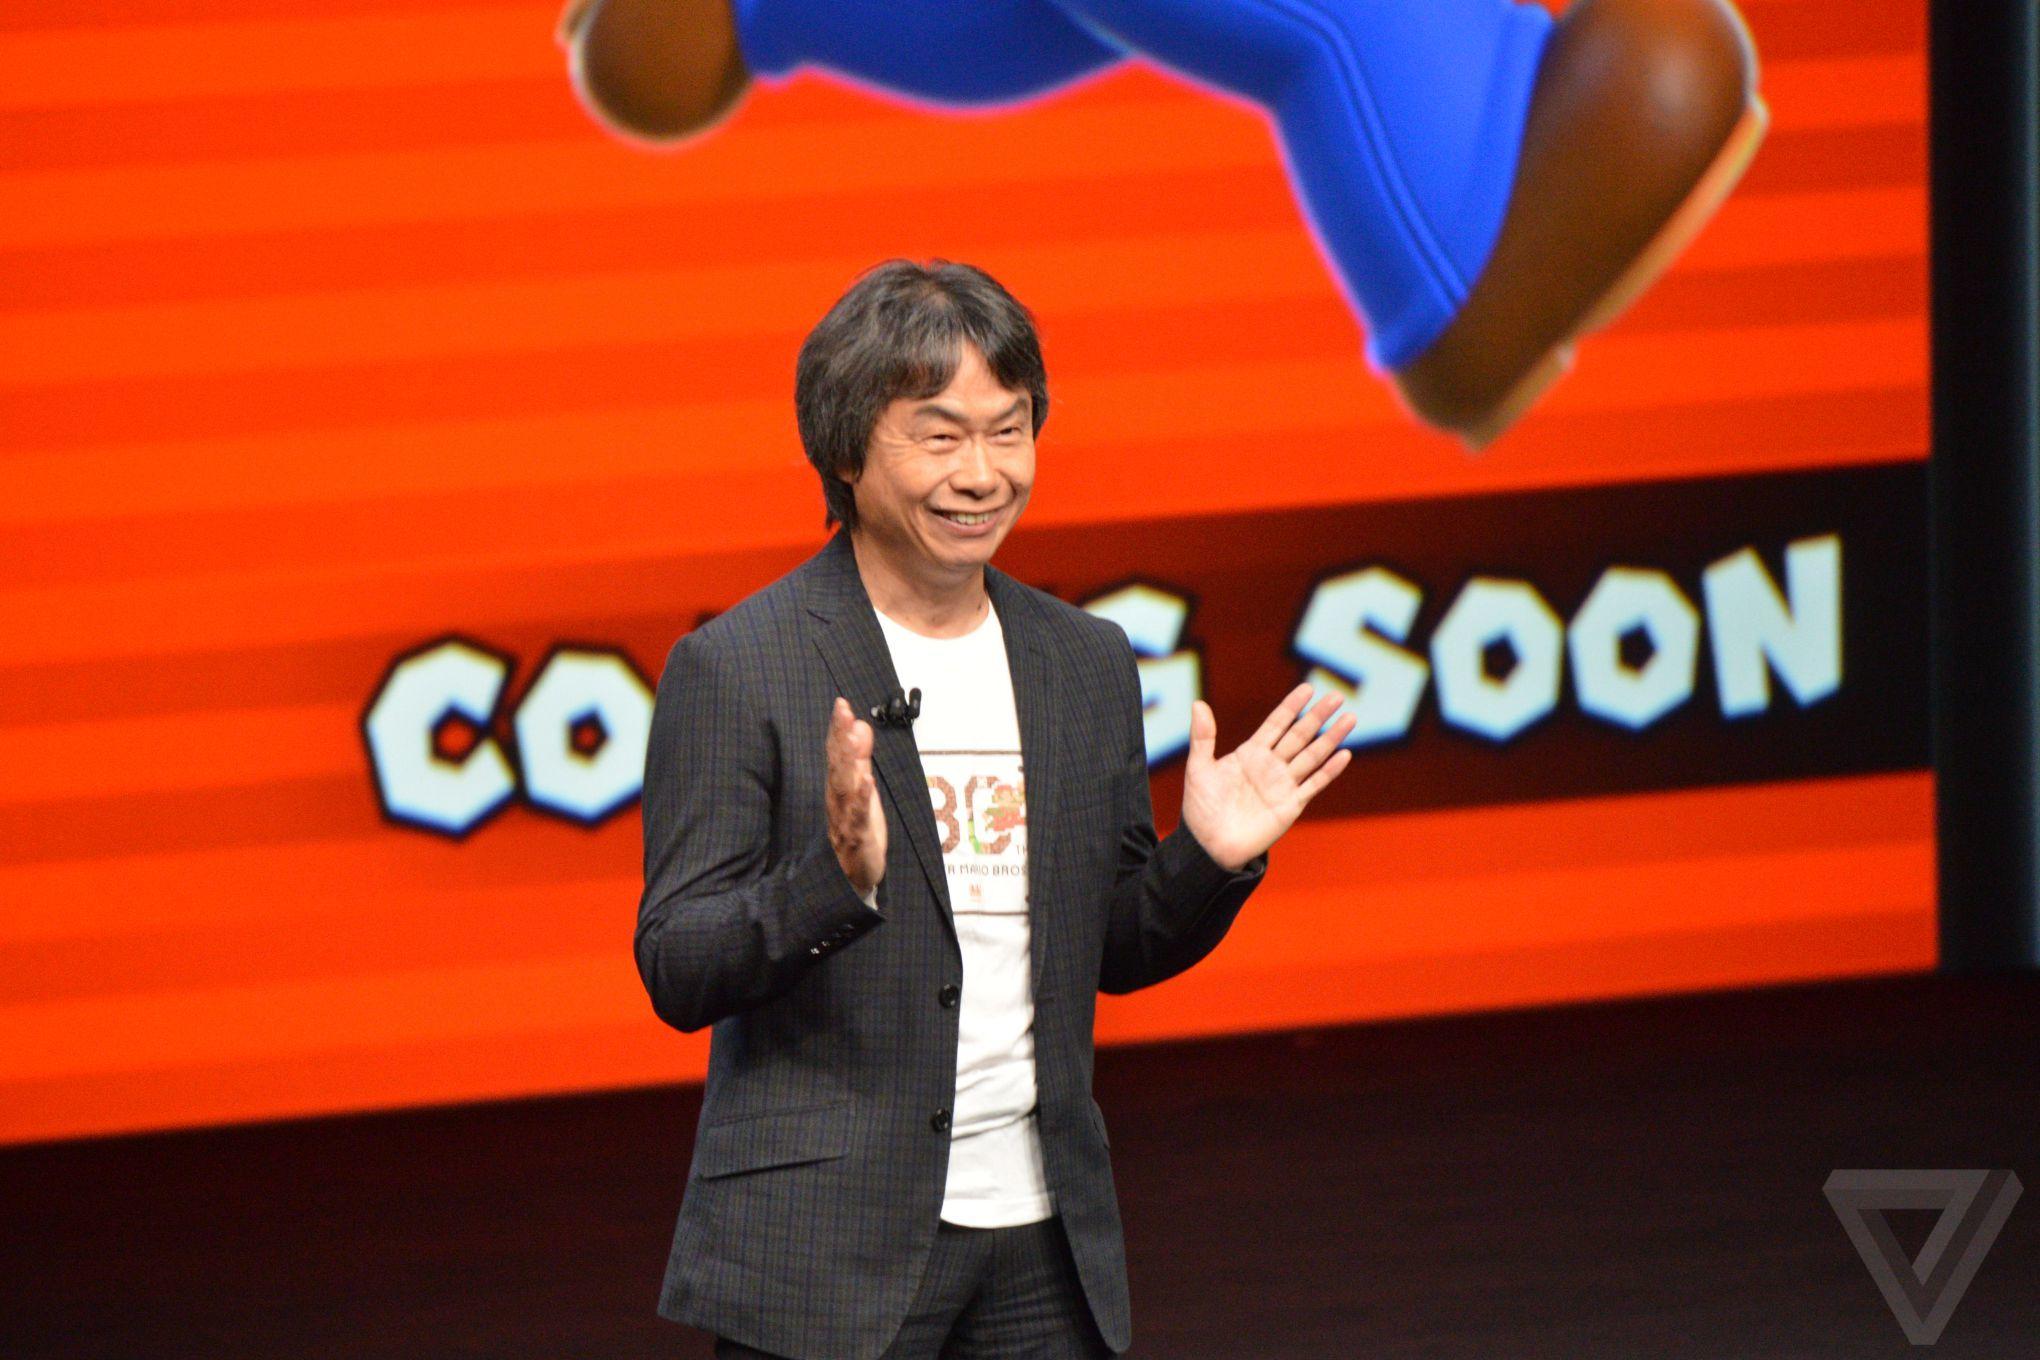 Nintendo bất ngờ công bố Super Mario Run - game Mario chính chủ đầu tiên cho iOS